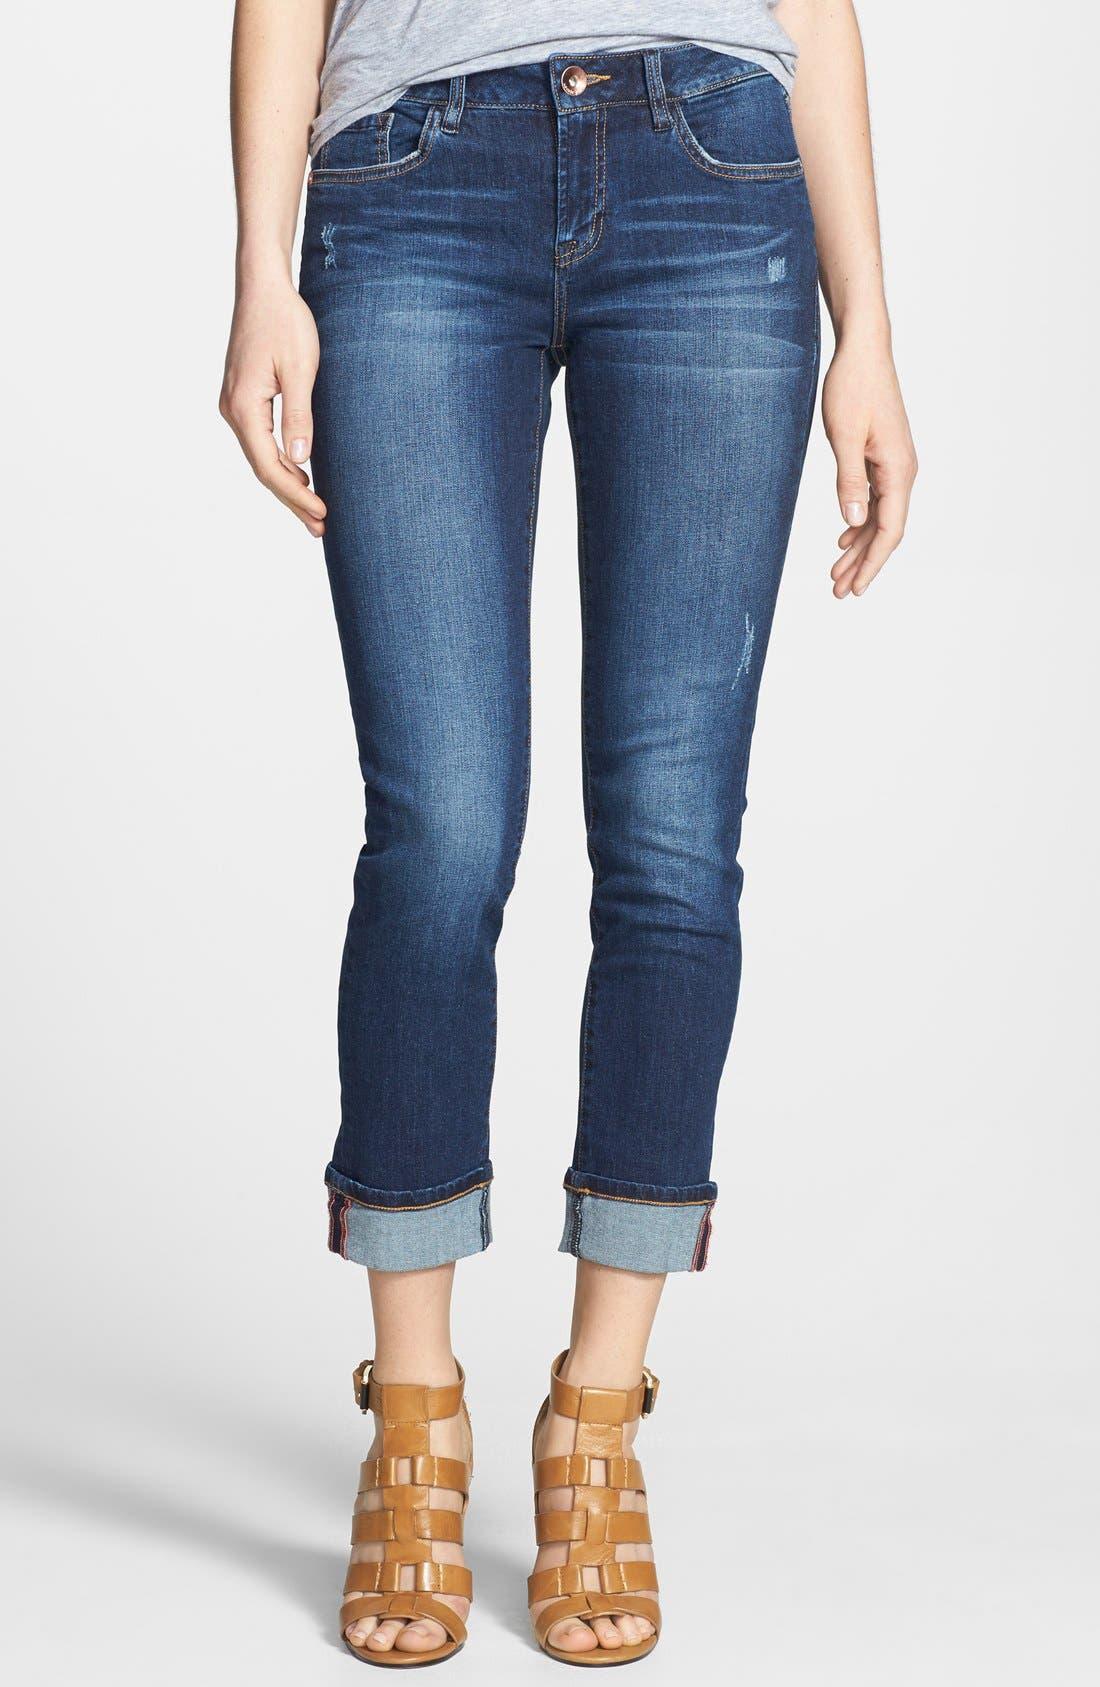 Alternate Image 1 Selected - kensie Classic Capri Jeans (Eternal Highway)